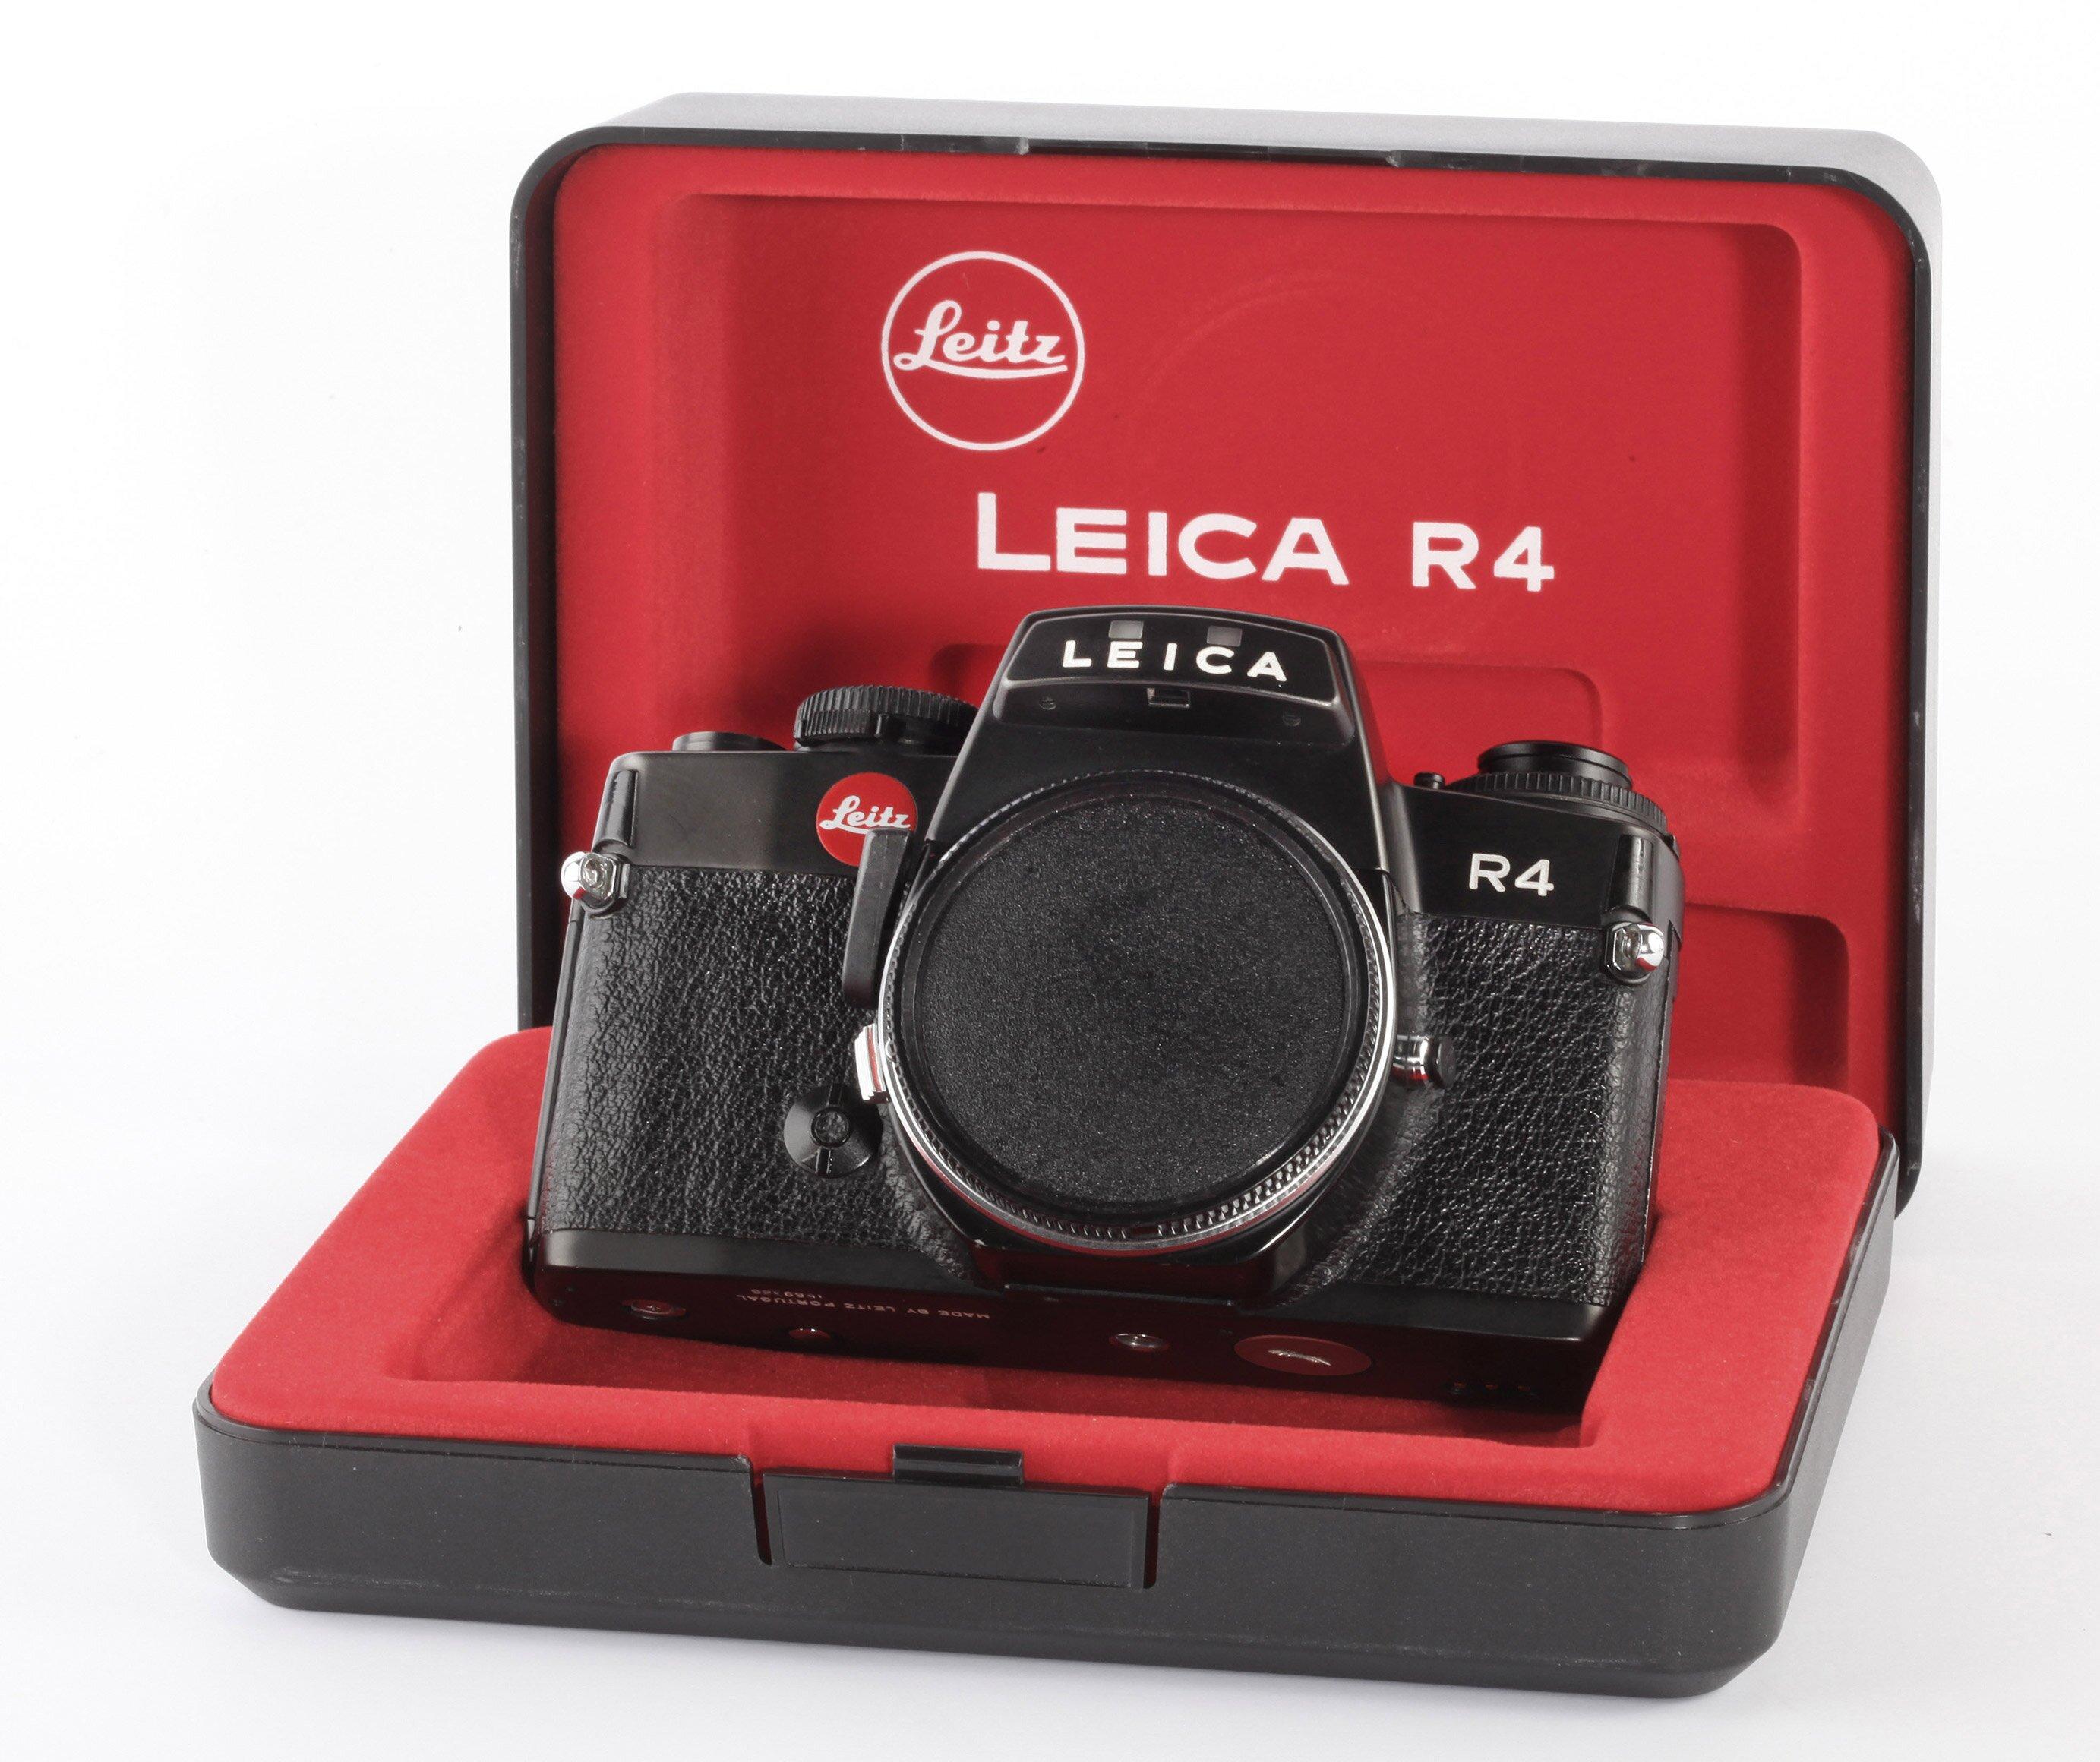 Leica R4 black